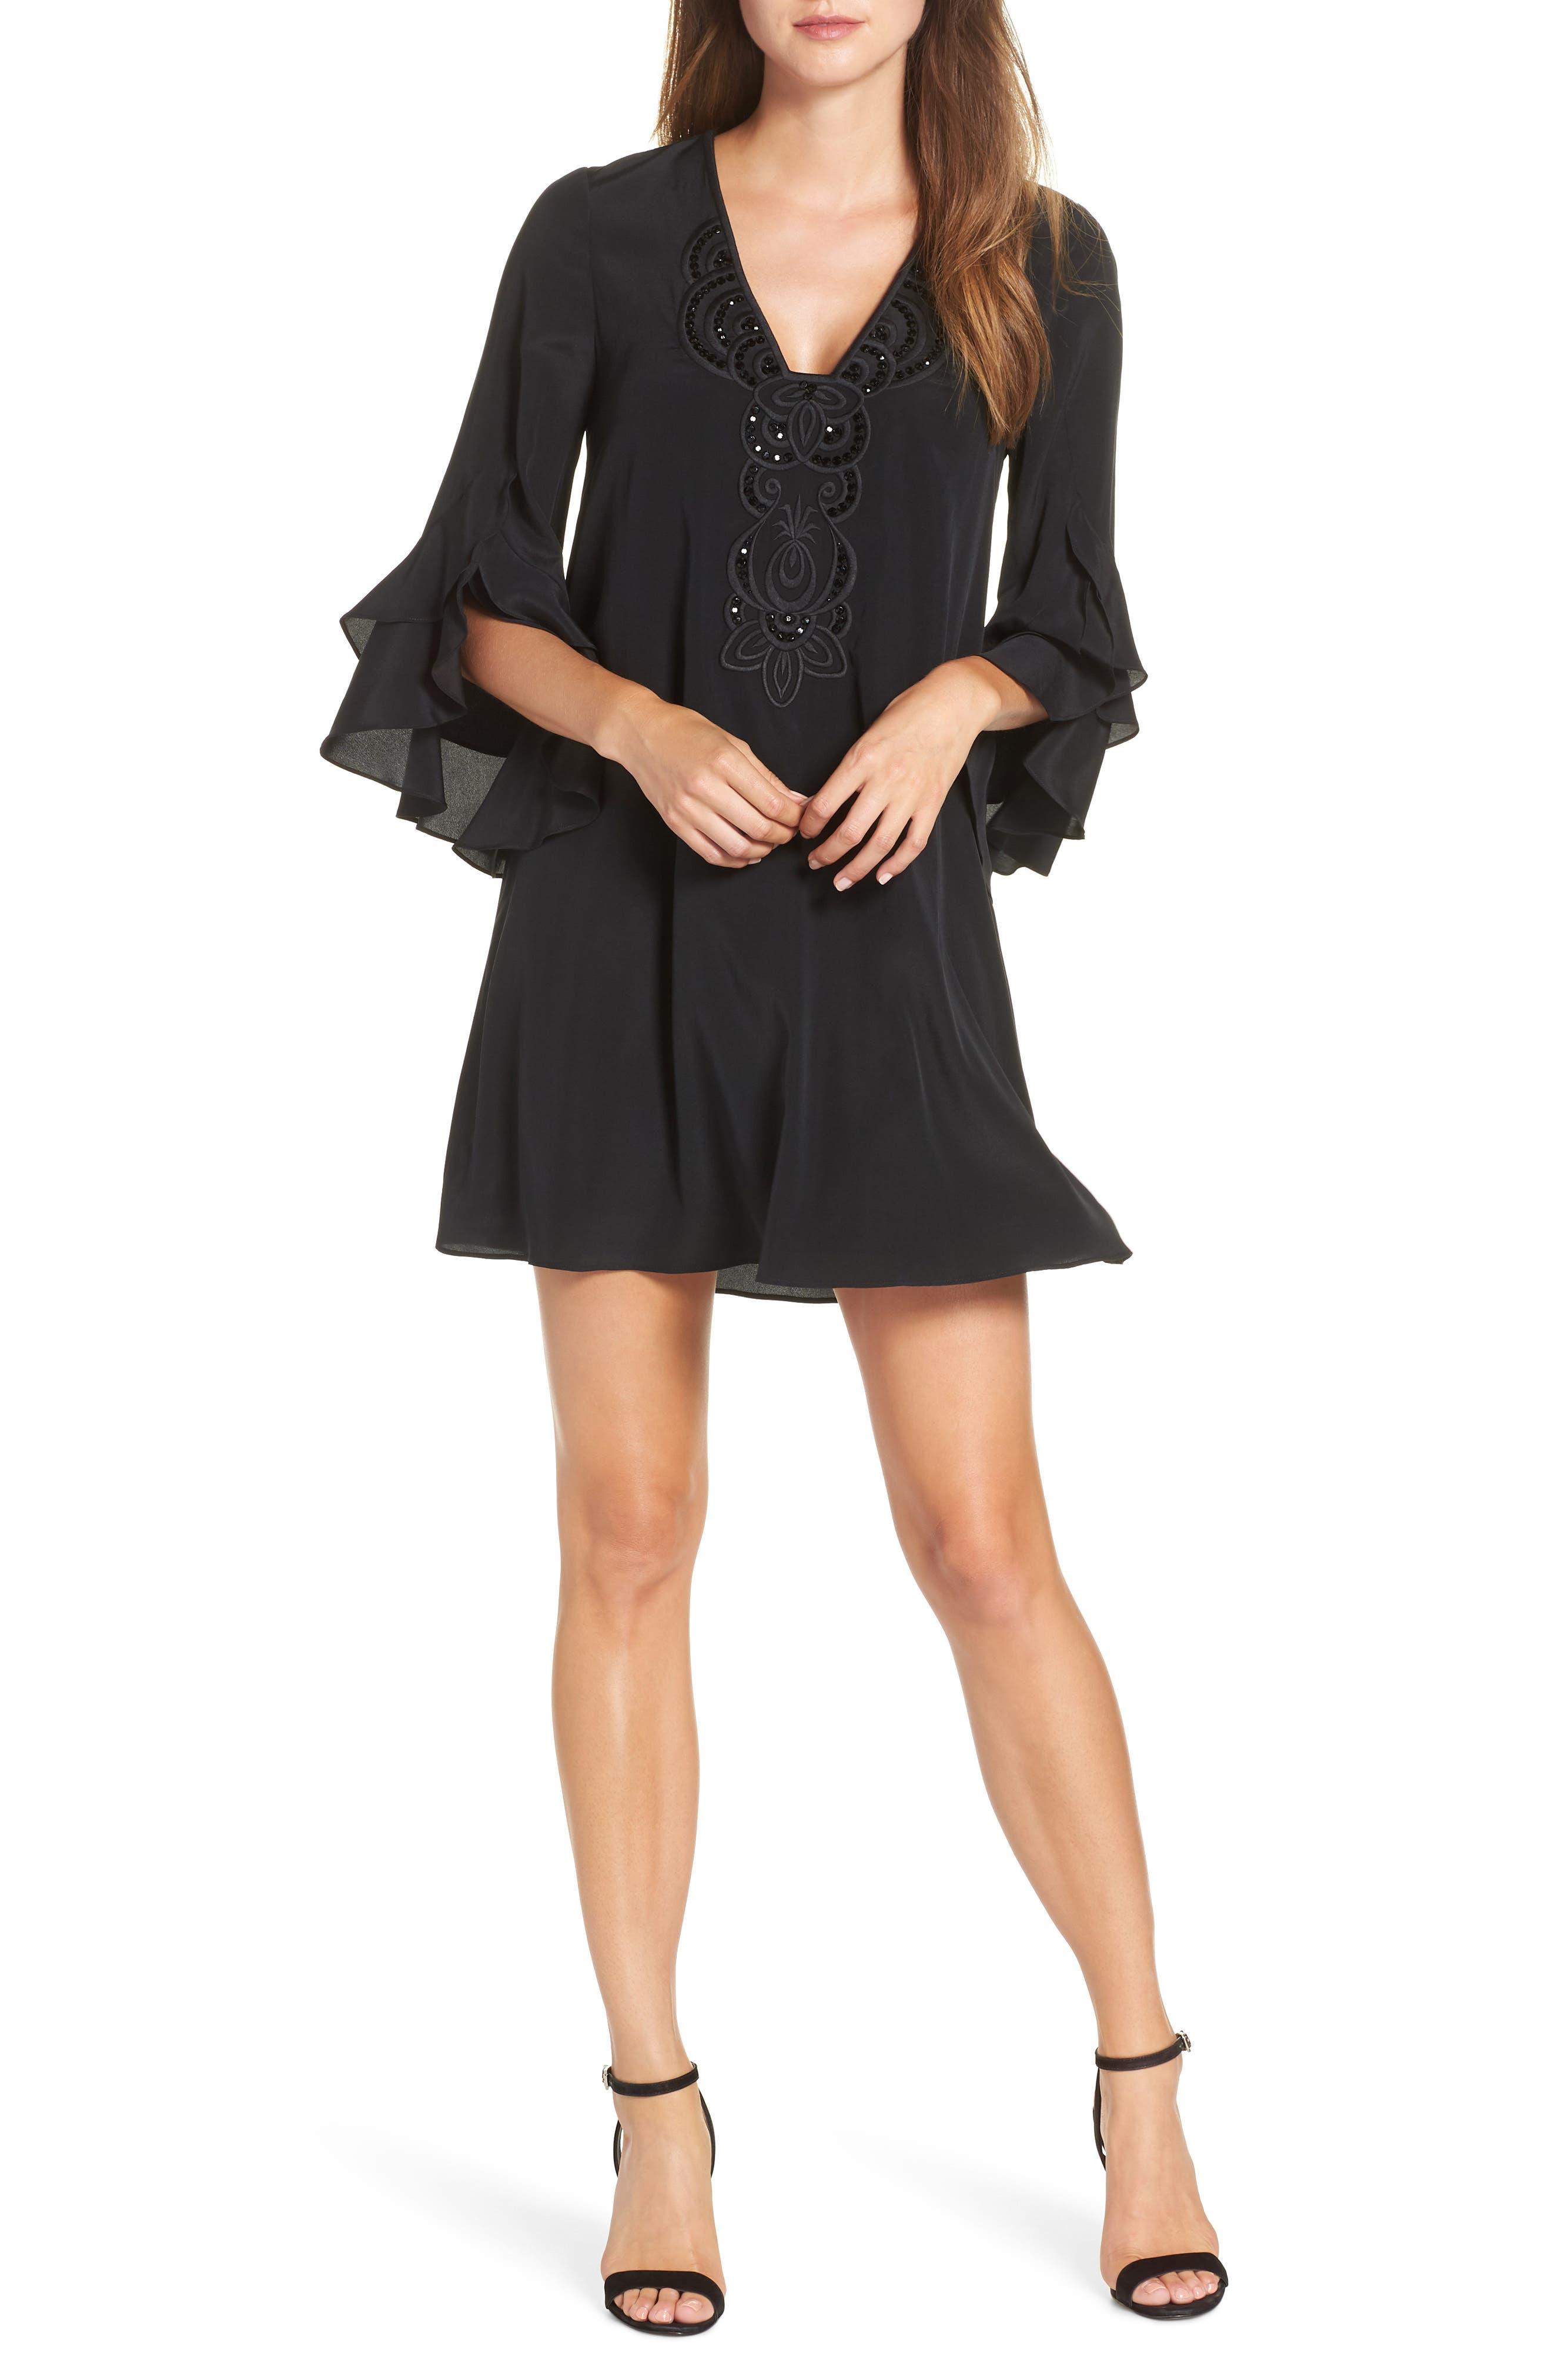 Lilly Pulitzer Tatiana Tunic Dress